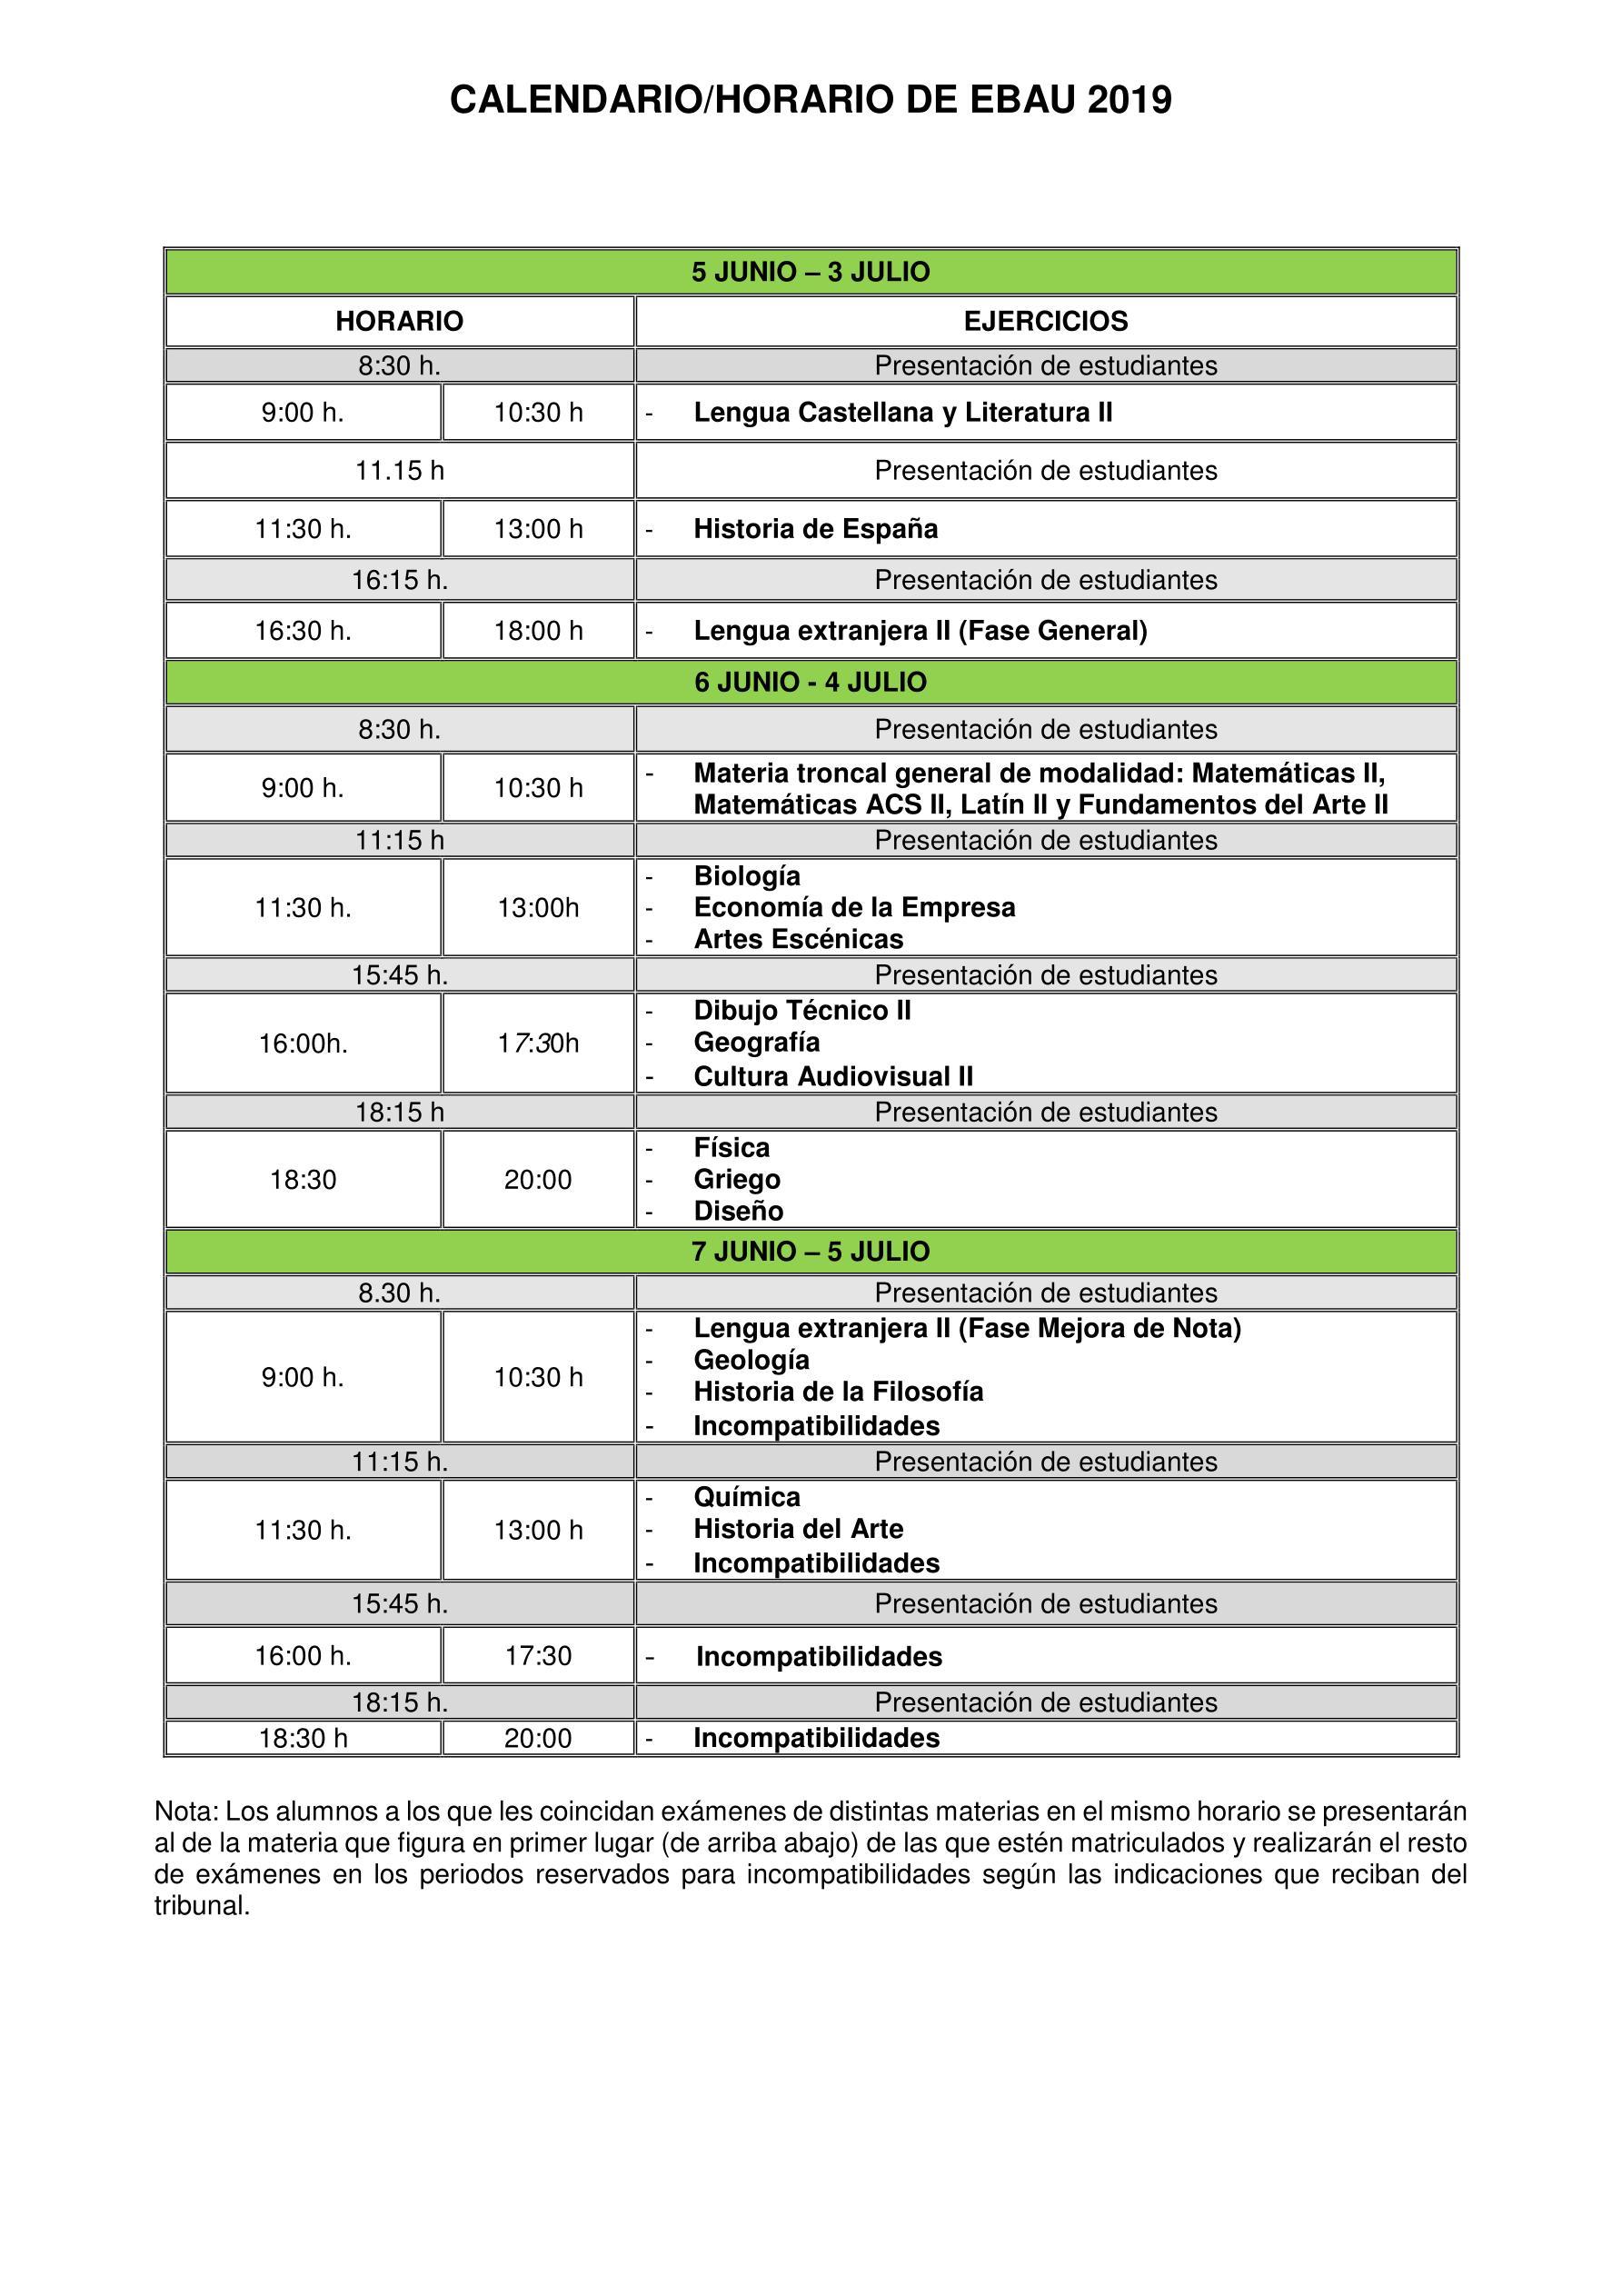 Calendario 2019 Castilla Y Leon.Ebau 2019